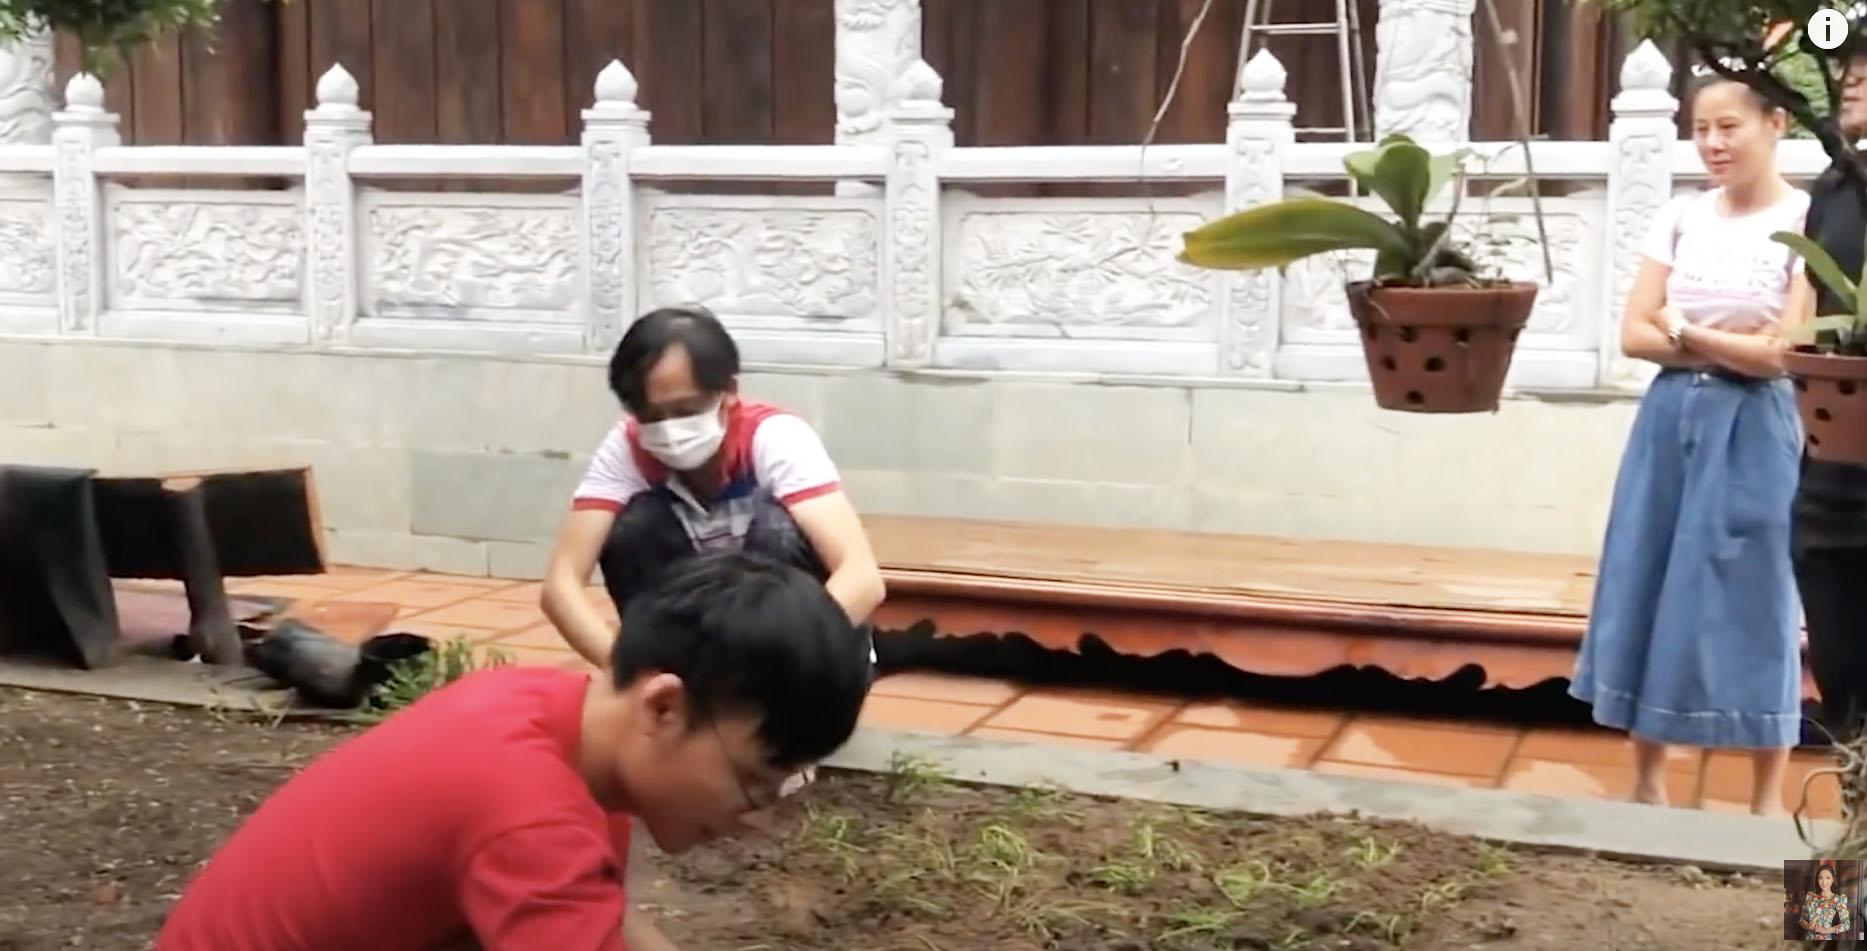 """""""Vợ sắp cưới"""" của Quang Lê gặp Hoài Linh tại đền thờ 100 tỷ giữa ồn ào 13 tỷ từ thiện - hình ảnh 3"""